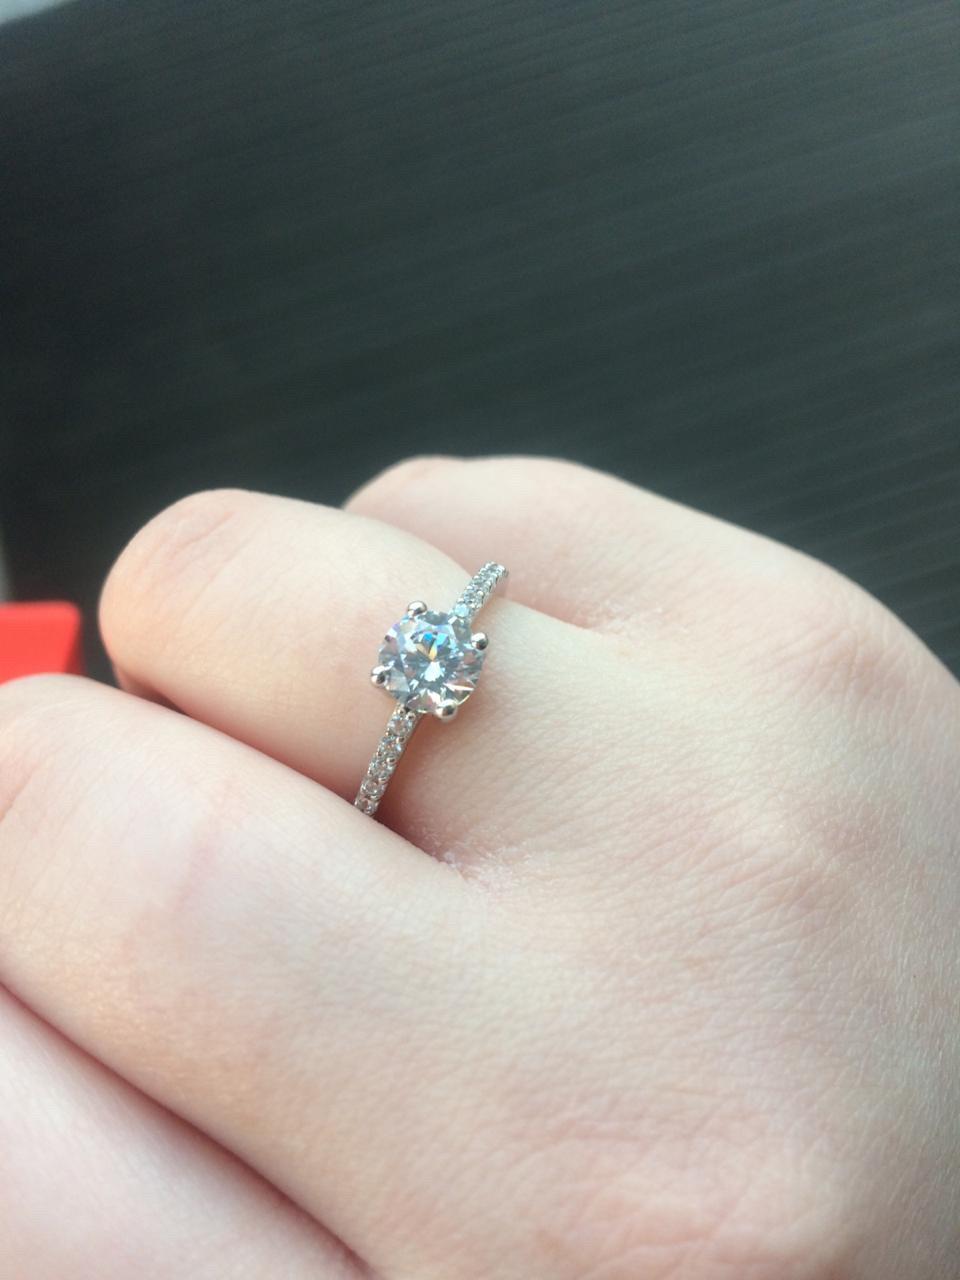 Если хотите великолепное тоненькое колечко, то вам непременно нужно это кольцо